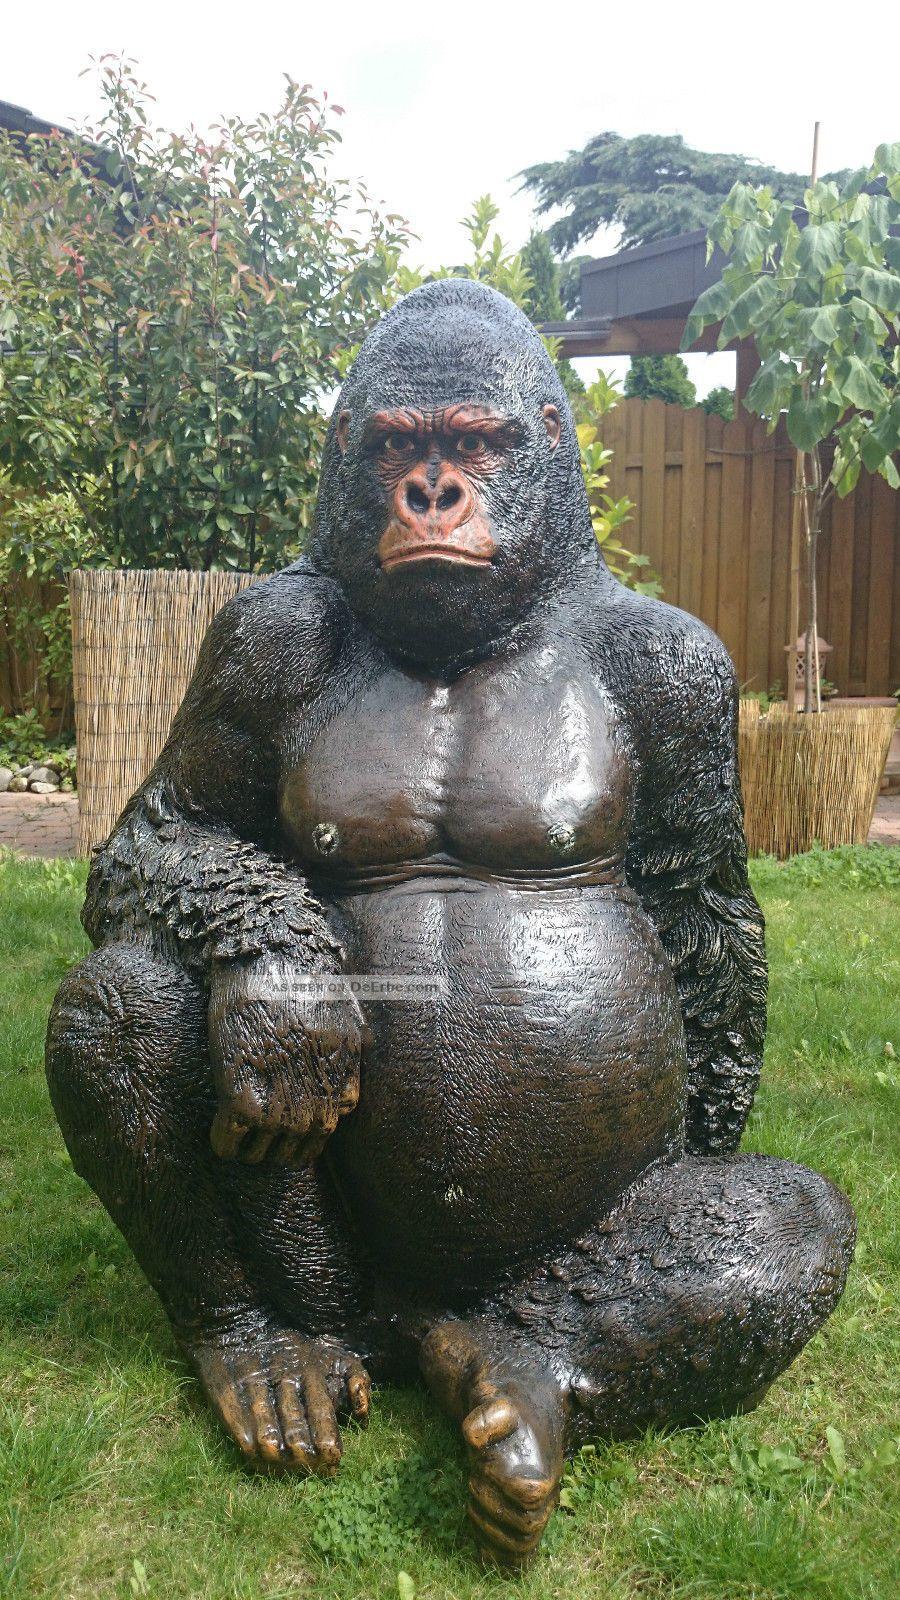 Full Size of Gorilla Affe Garten Figur Skulptur Fliesen Für Küche Brunnen Im Pavillion Quad Tour Baden Württemberg Relaxsessel Aldi Wohnen Und Abo Trennwände Vertikal Wohnzimmer Eisenskulpturen Für Den Garten